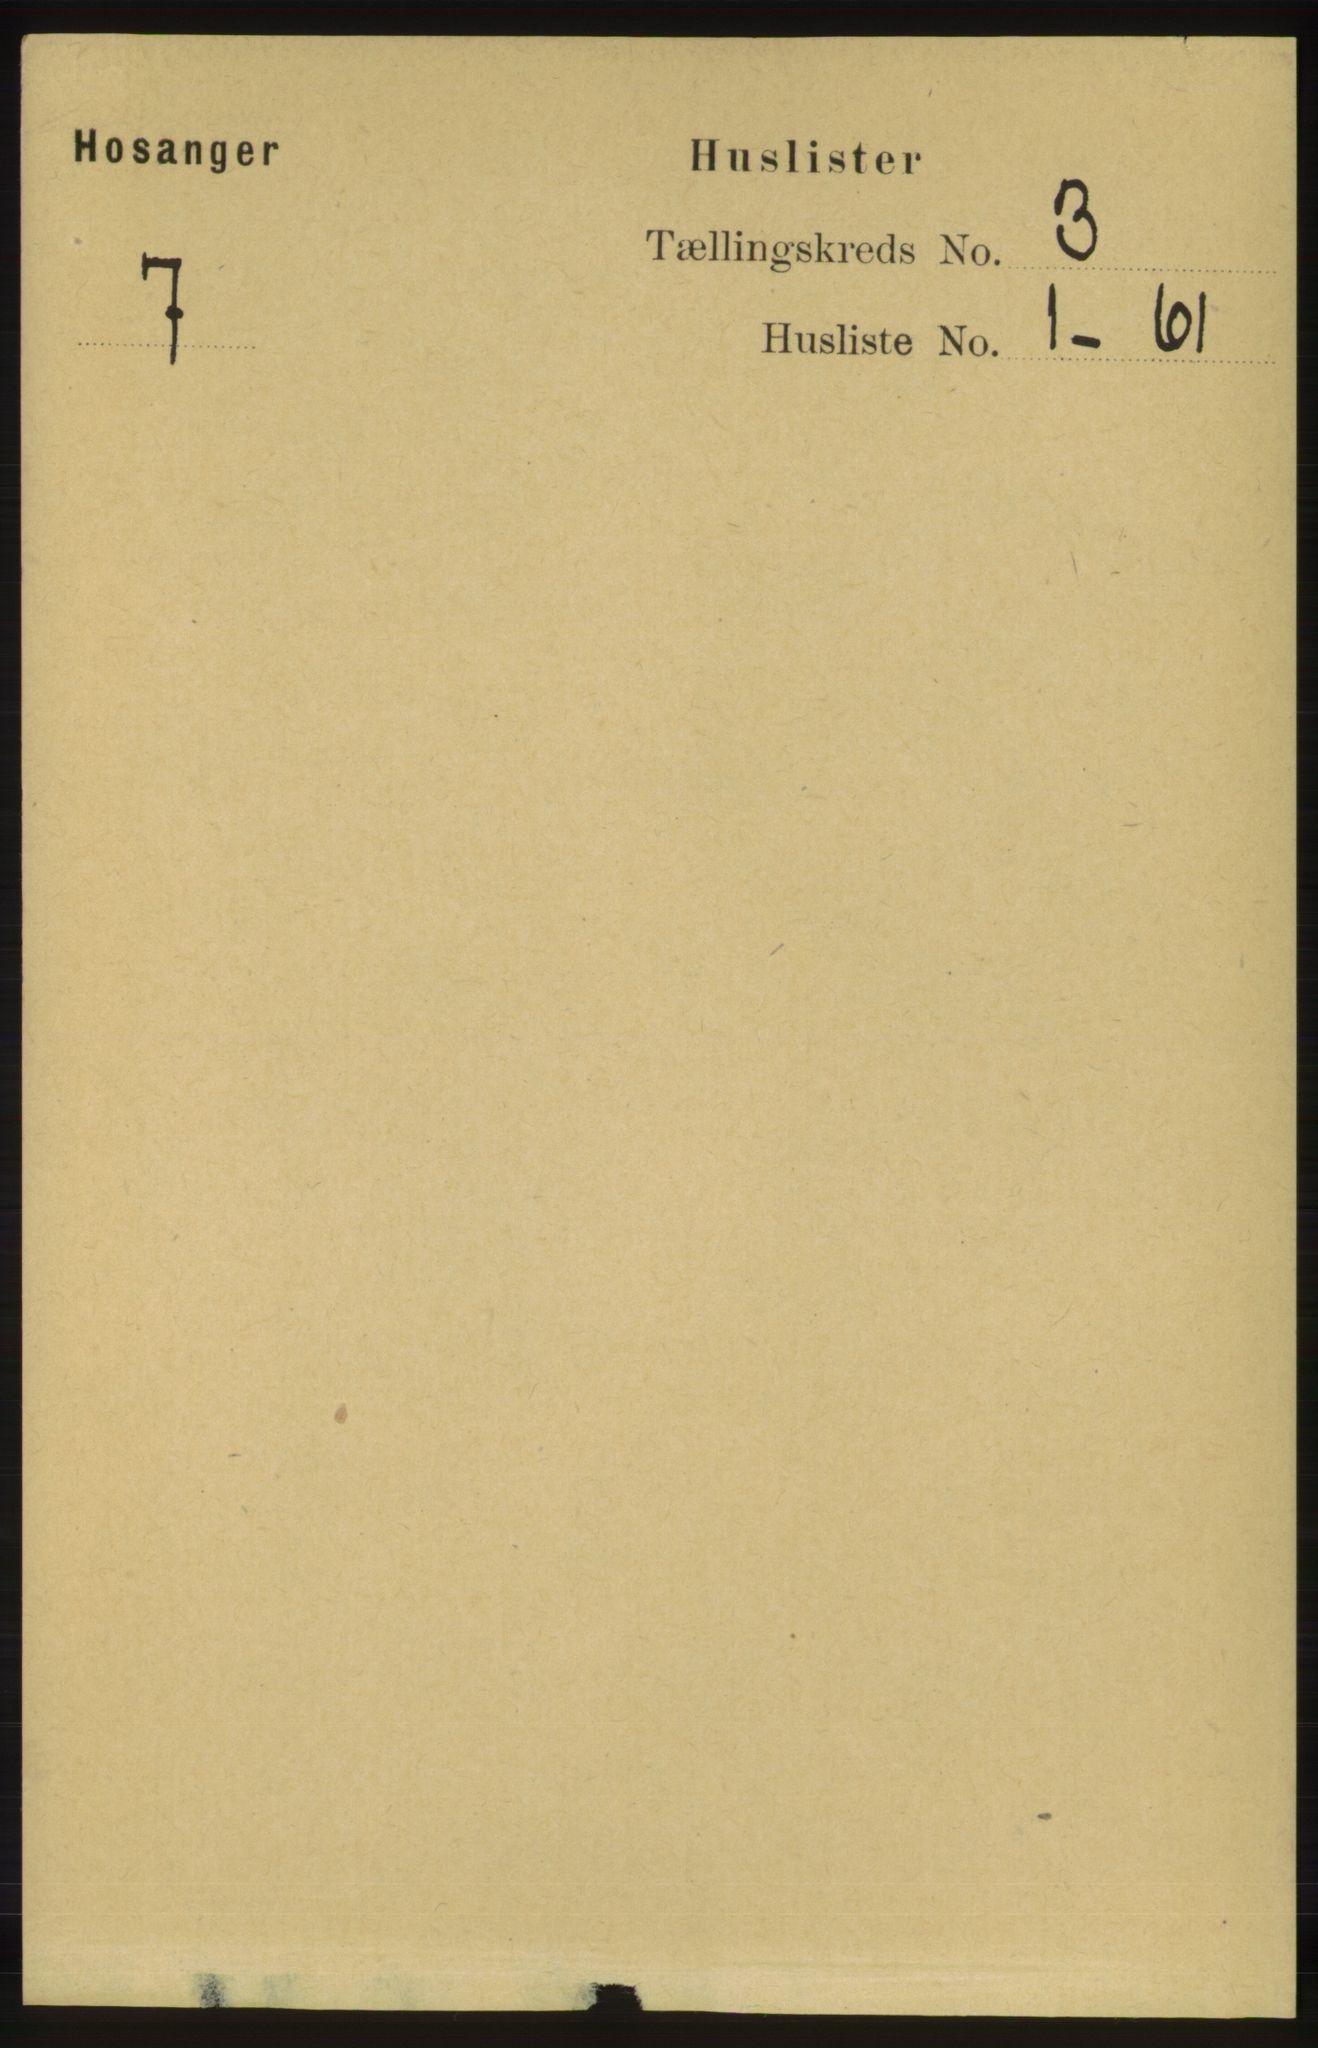 RA, Folketelling 1891 for 1253 Hosanger herred, 1891, s. 955